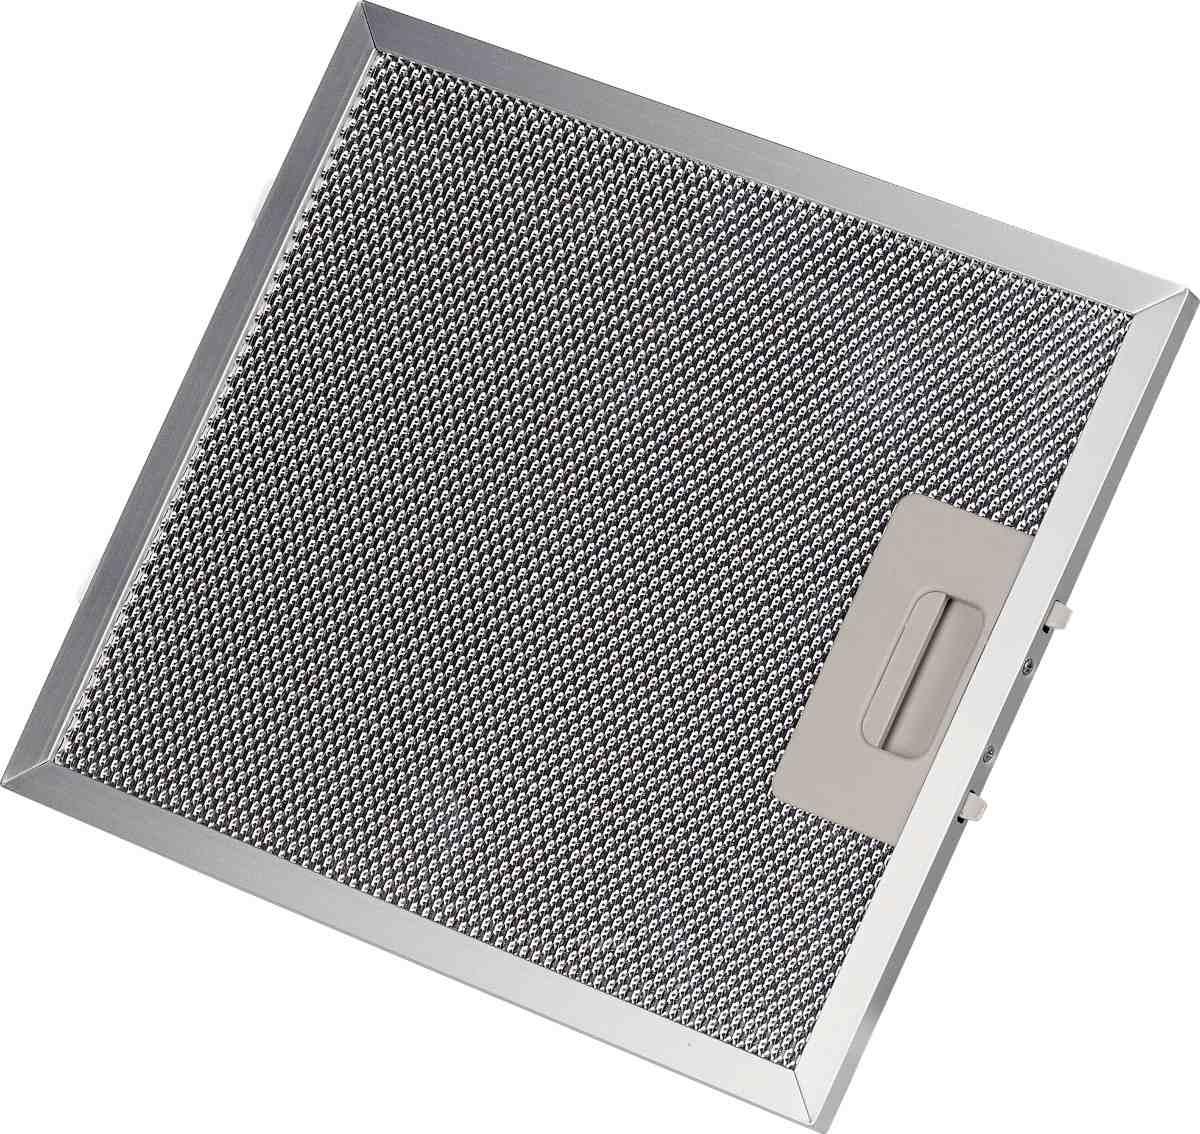 Filtro Alumínio Coifa Cristal / Nova Esmeralda Suggar 26x38 cm  - HL SERVICE